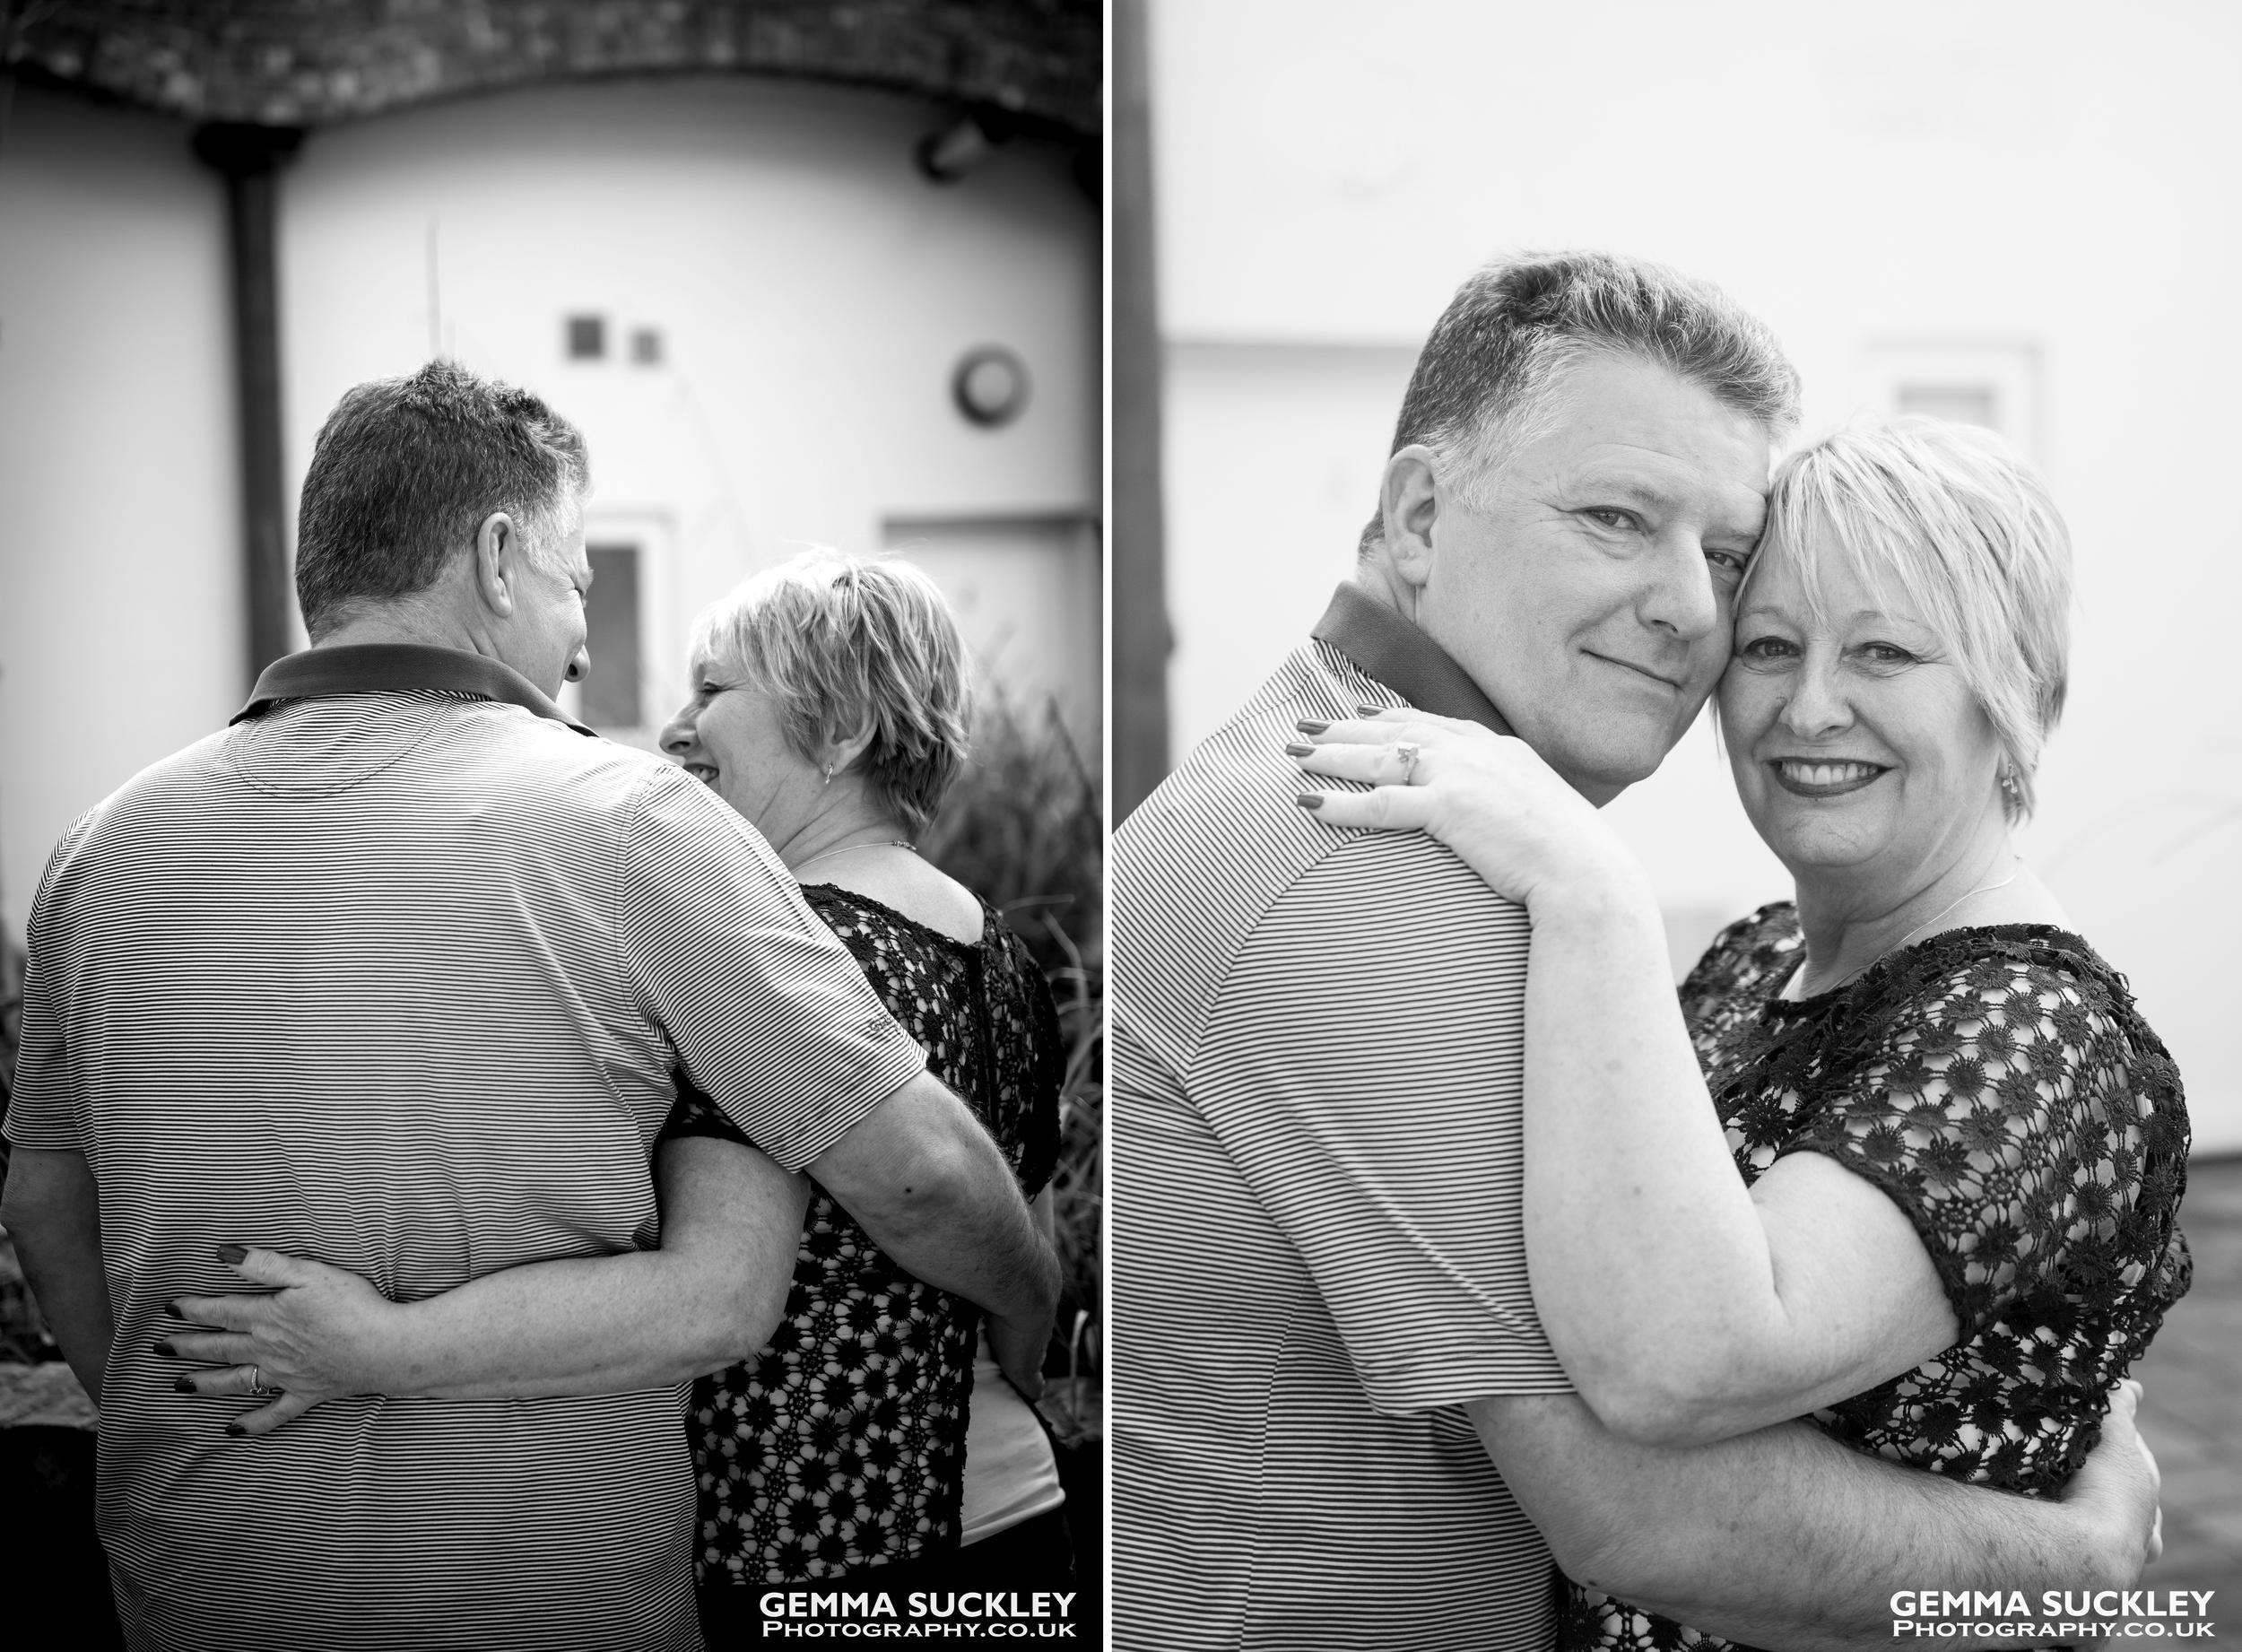 Chris-and-Steve's-engagement-shoot-carleton24.jpg